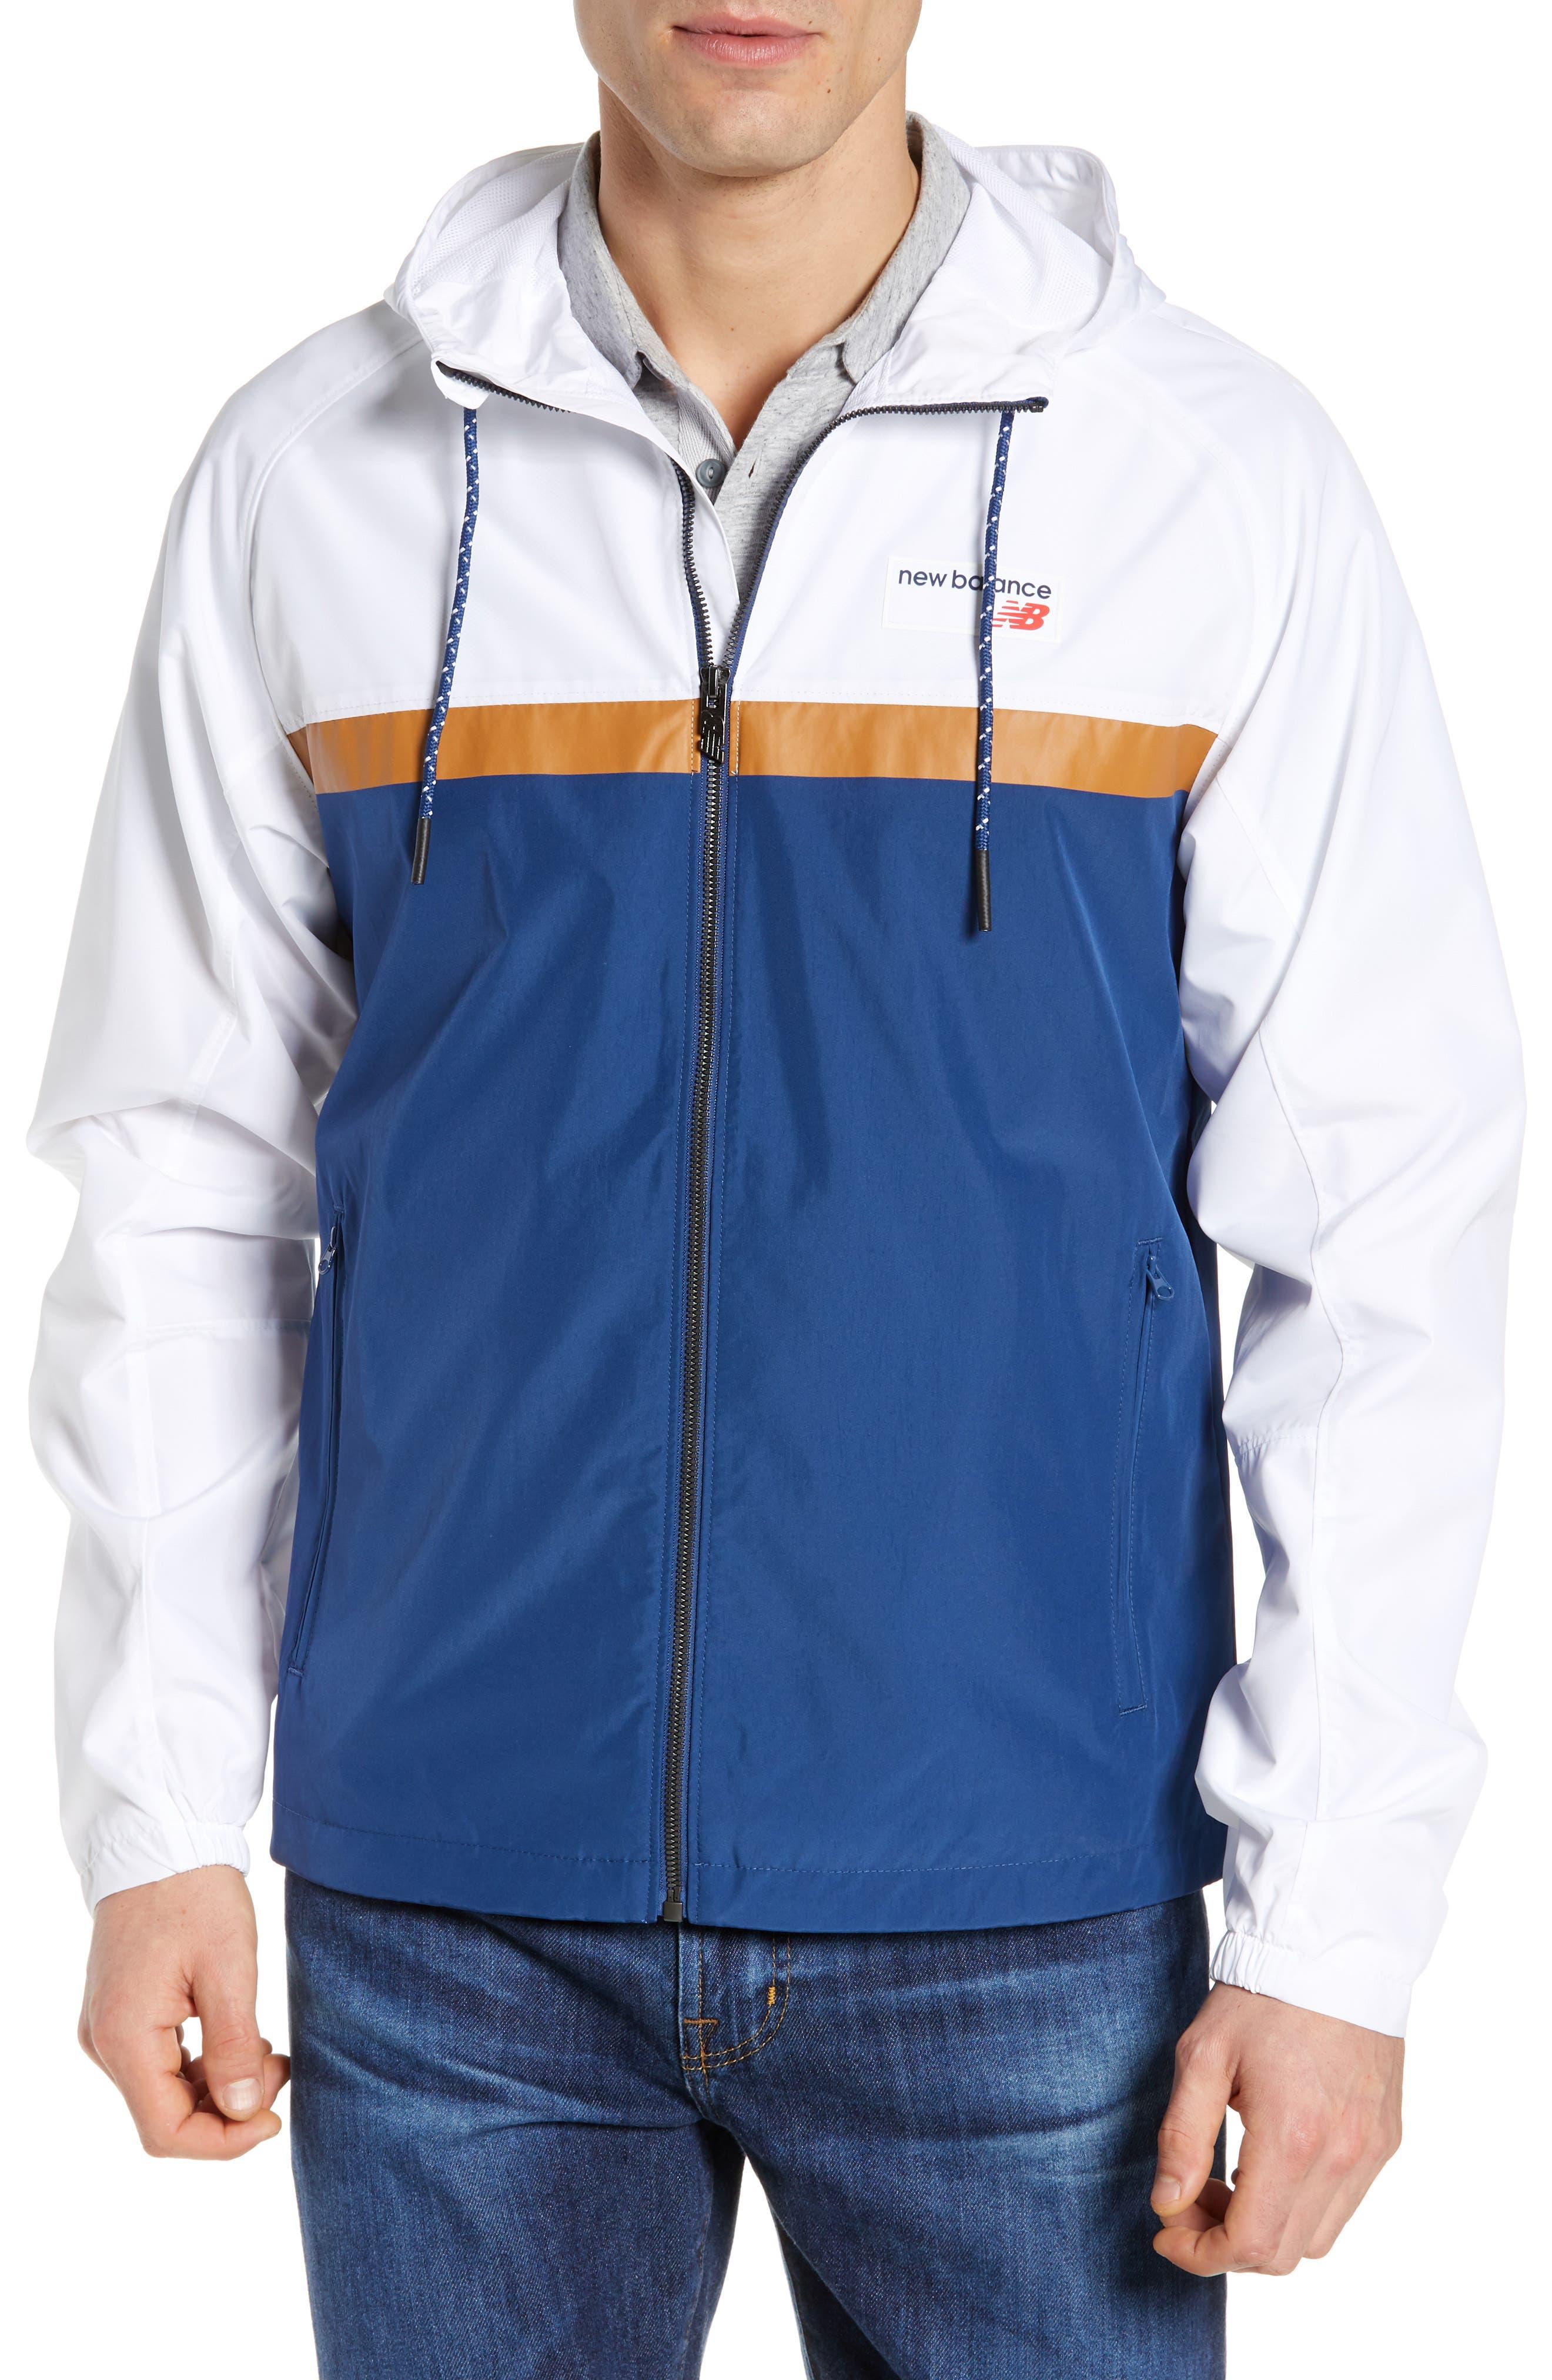 New Balance Athletics 78 Jacket, White